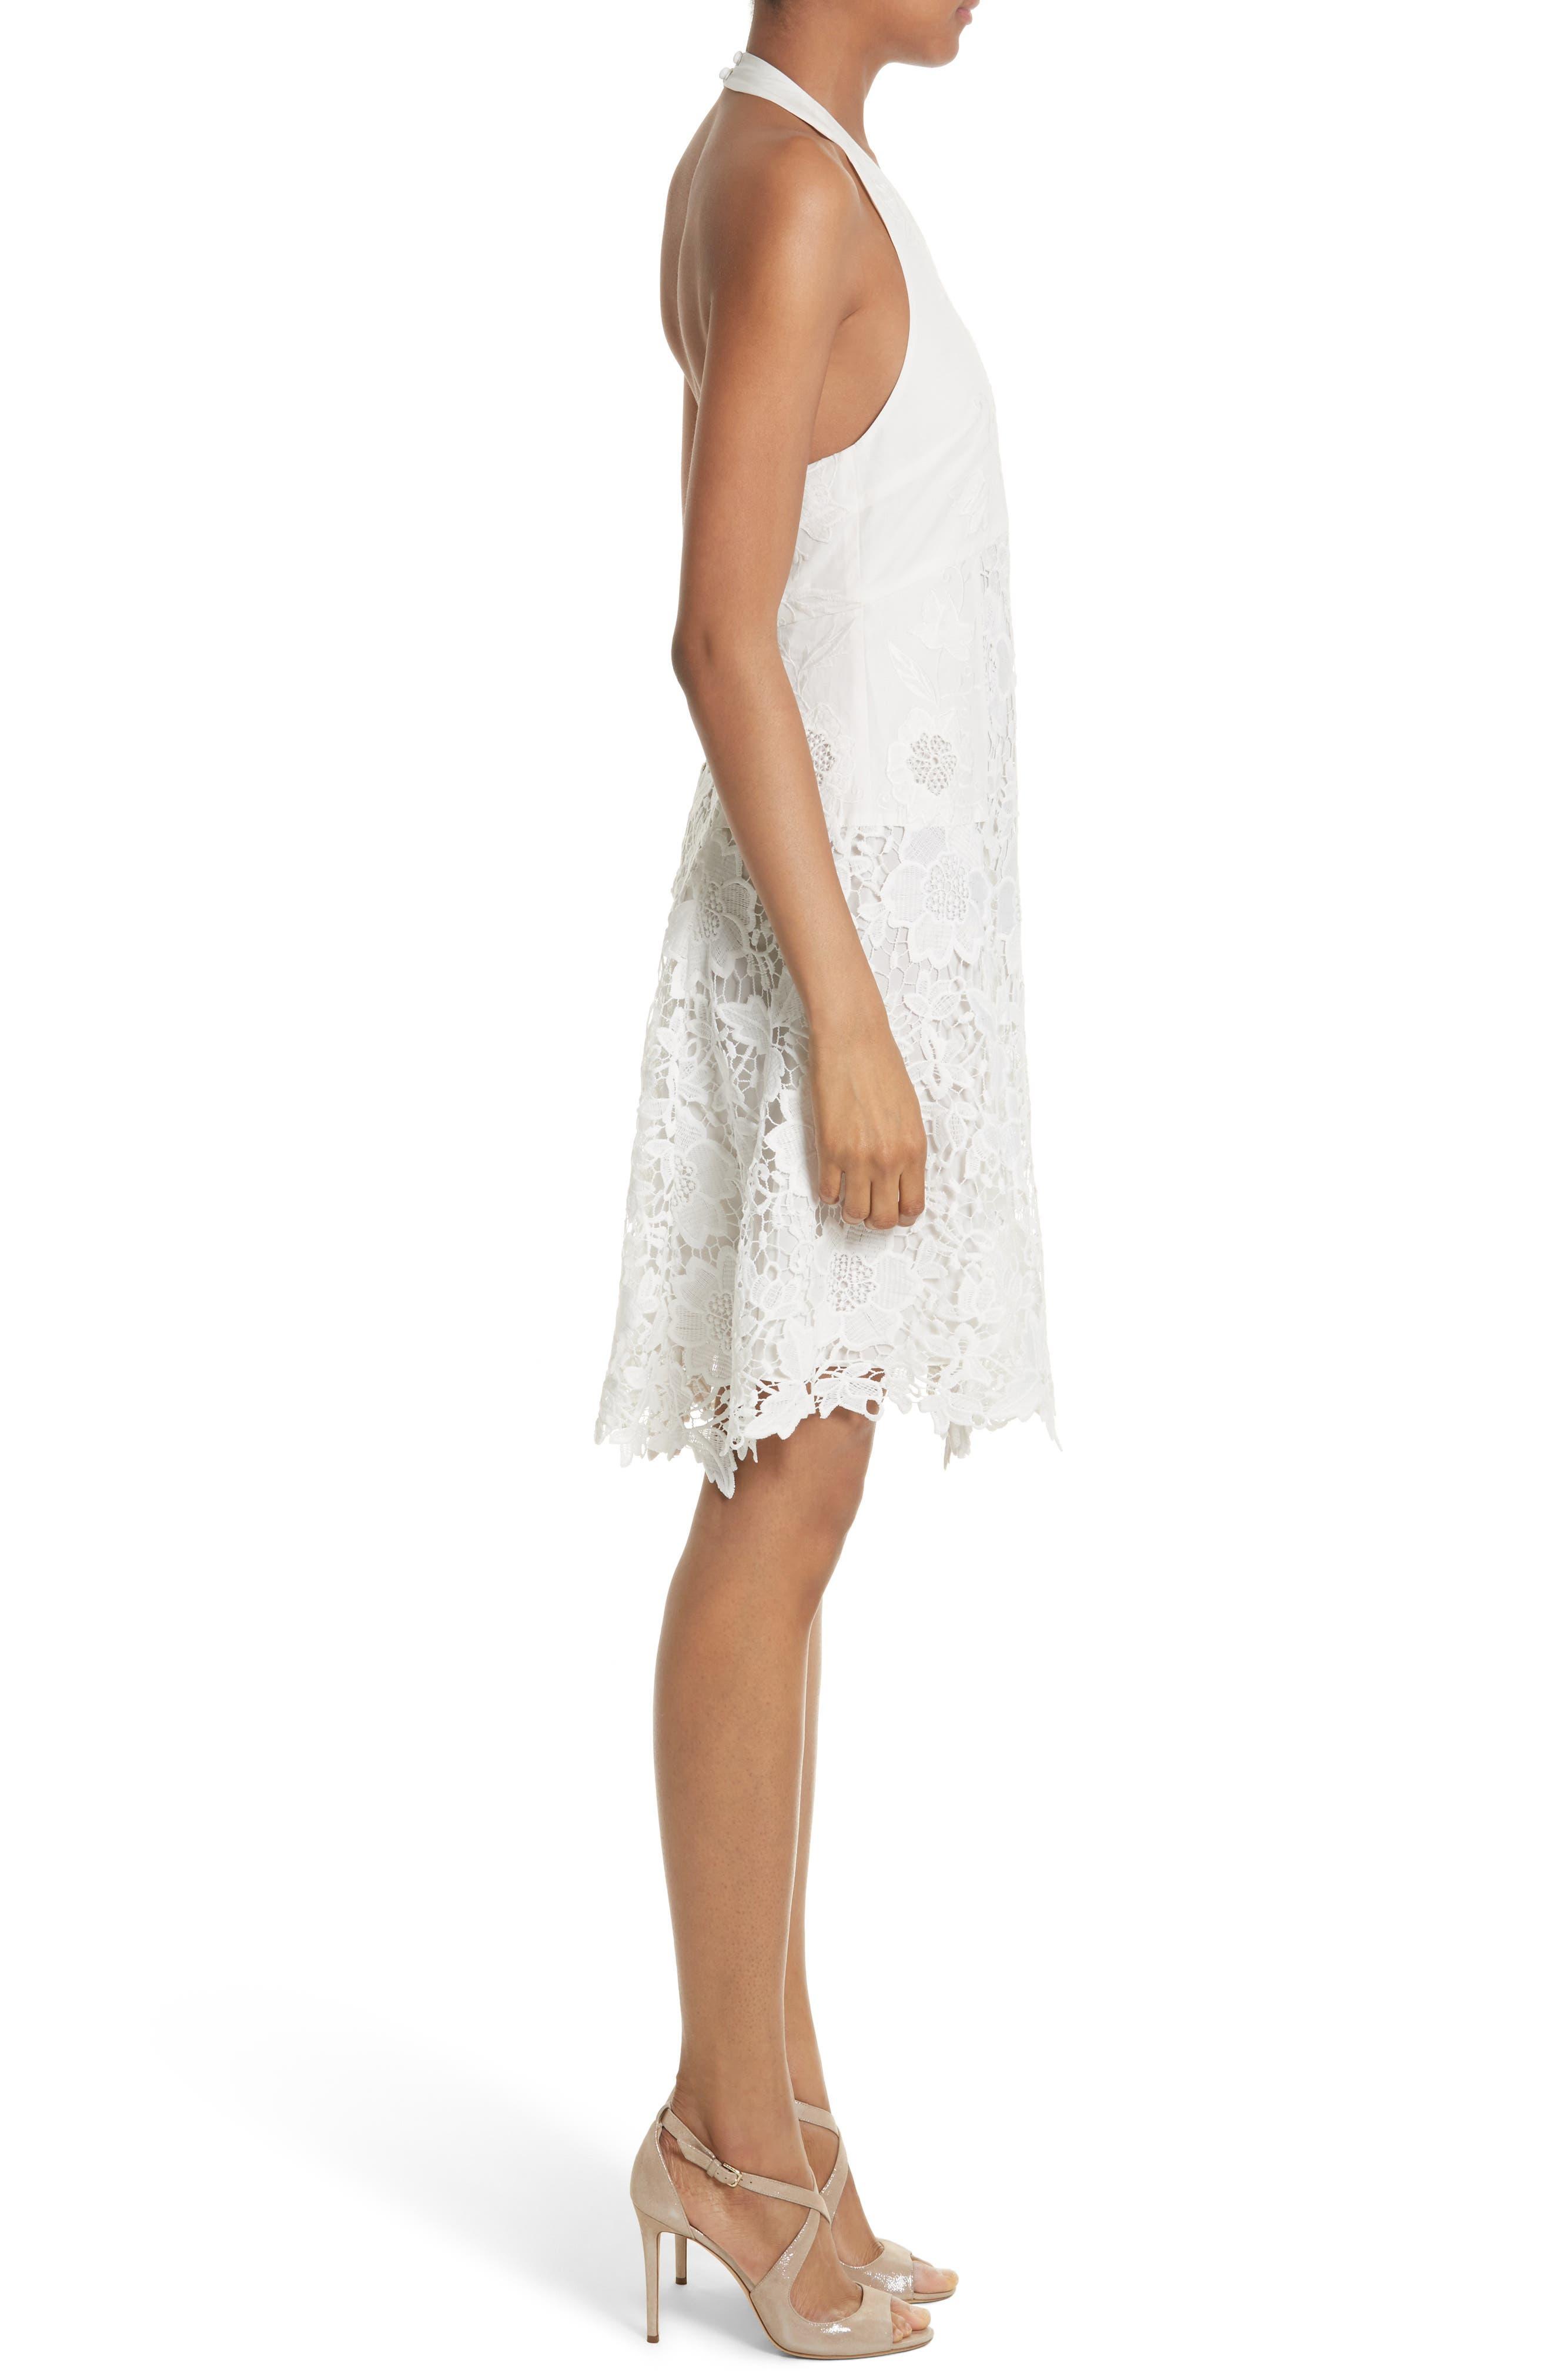 Susan Lace Halter Dress,                             Alternate thumbnail 3, color,                             127